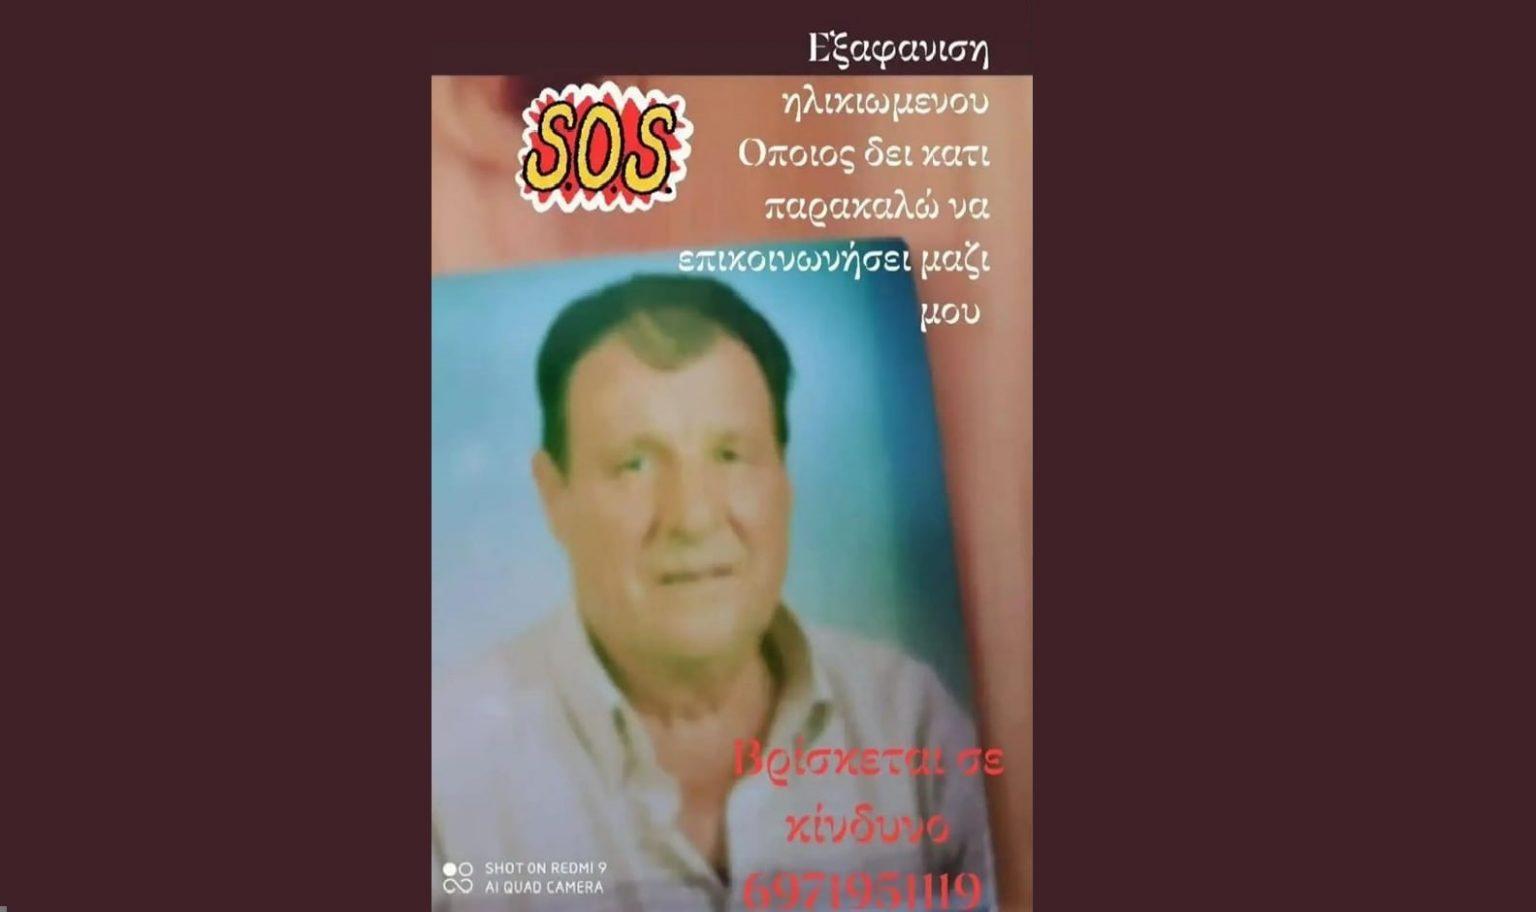 Βόλος: Αγνοείται ο Βασίλης Τσιγκούδης – SOS εκπέμπει η οικογένεια